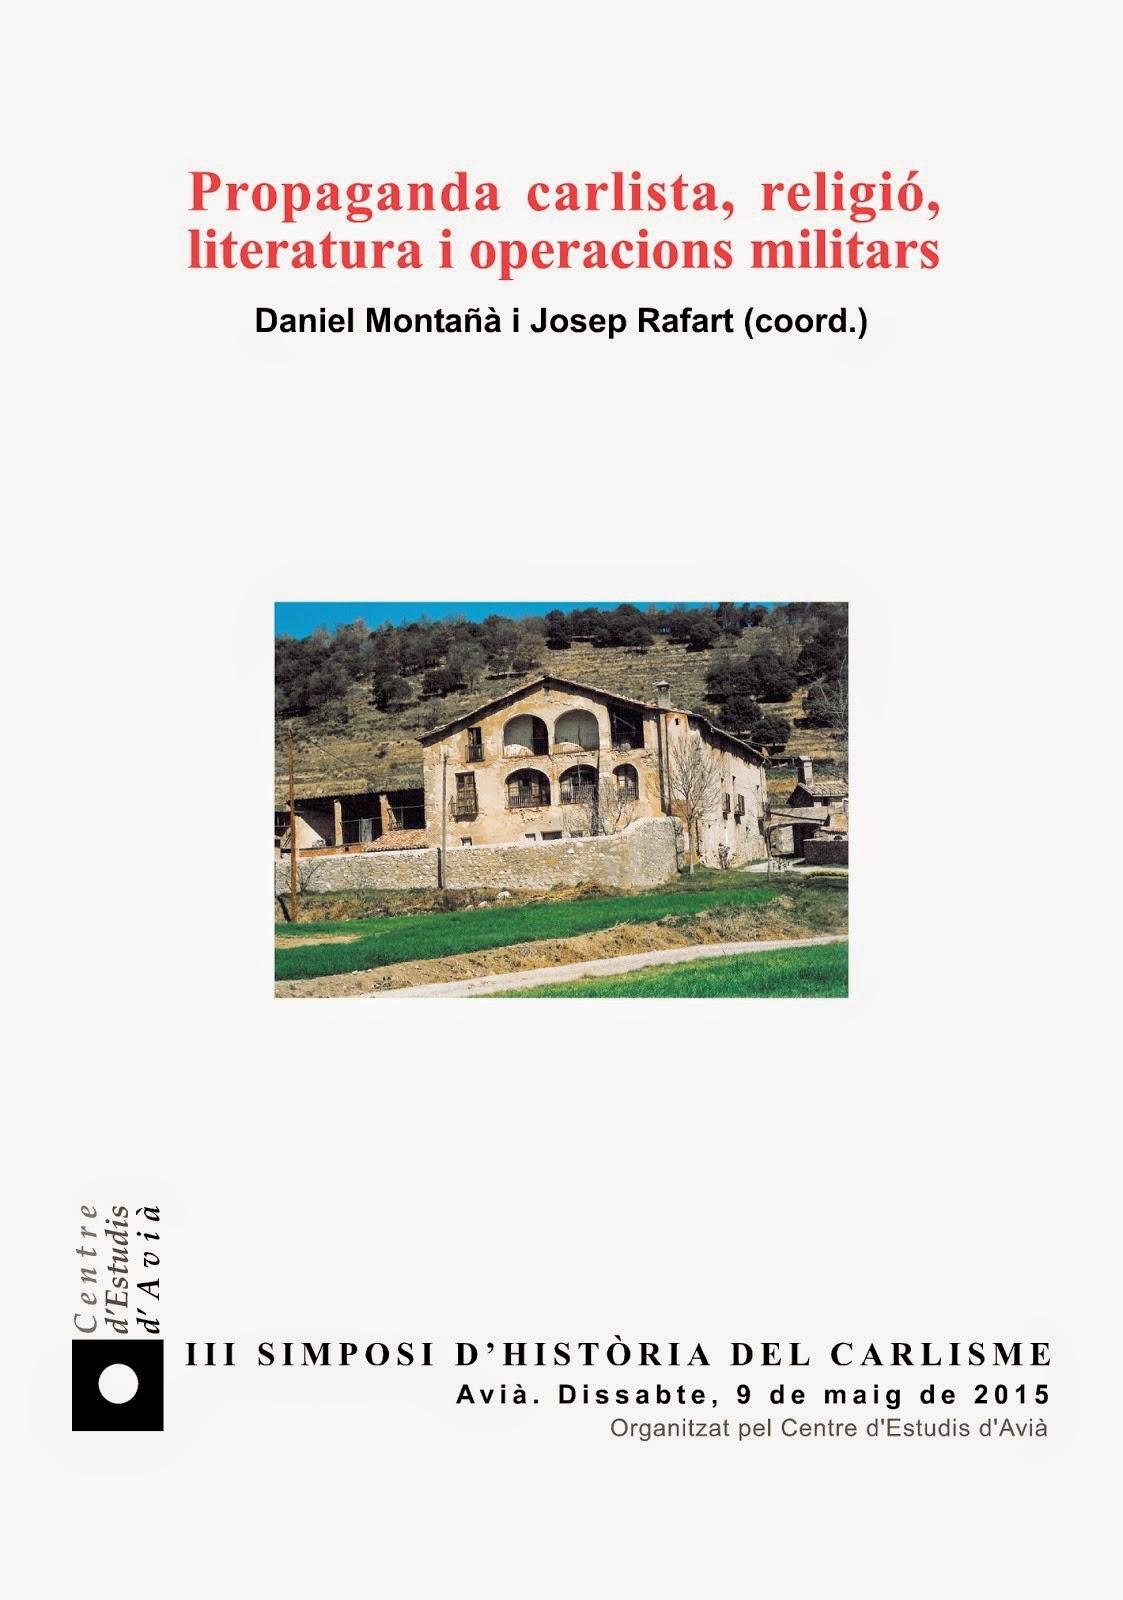 Història del Carlisme núm. 4